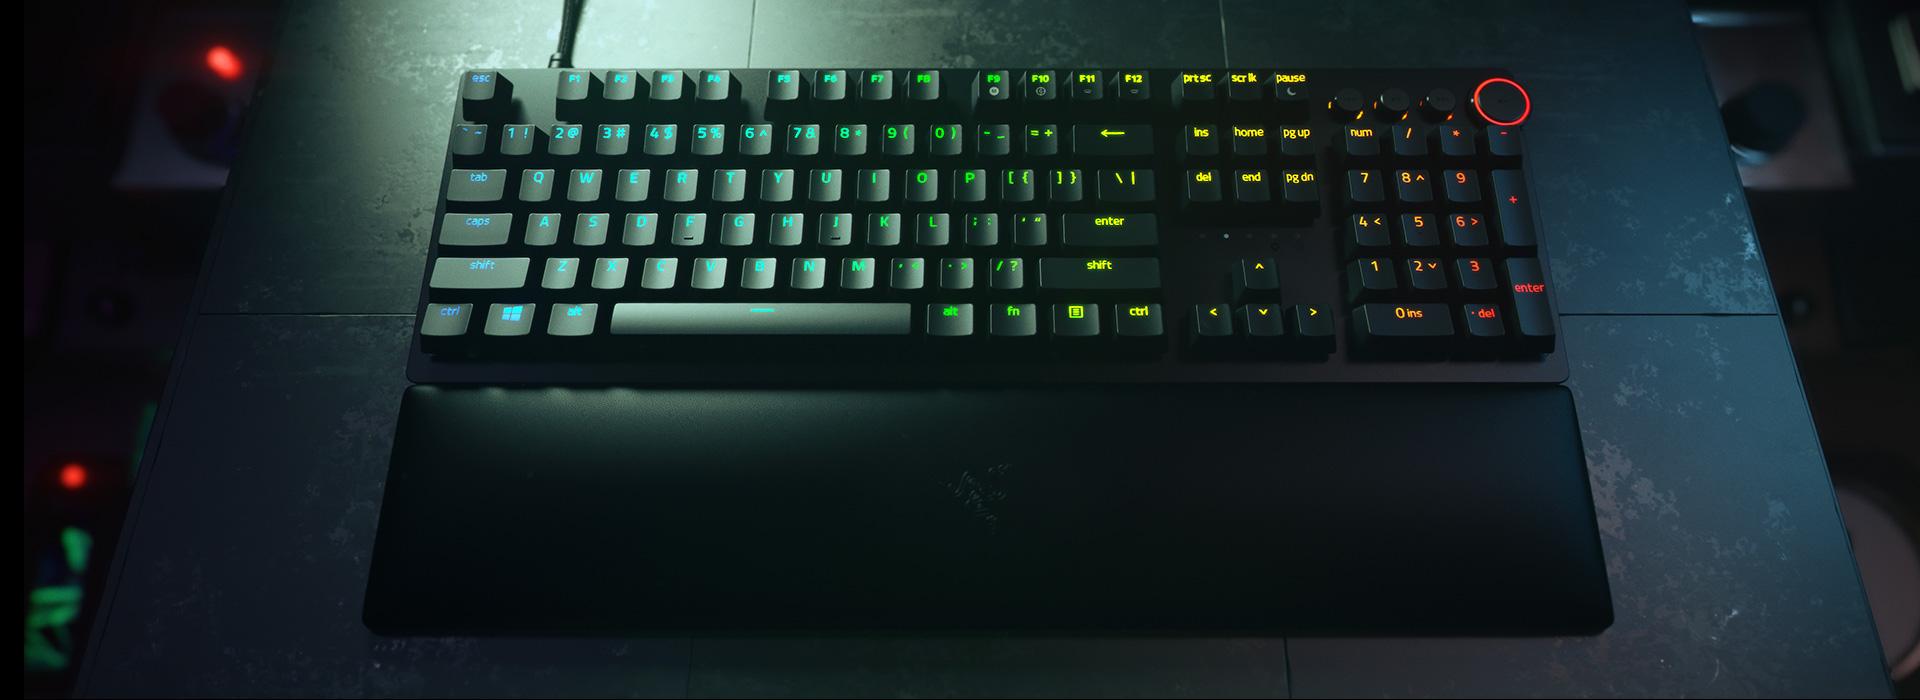 Conoce el teclado más rápido del mundo: el nuevo Razer Huntsman v2